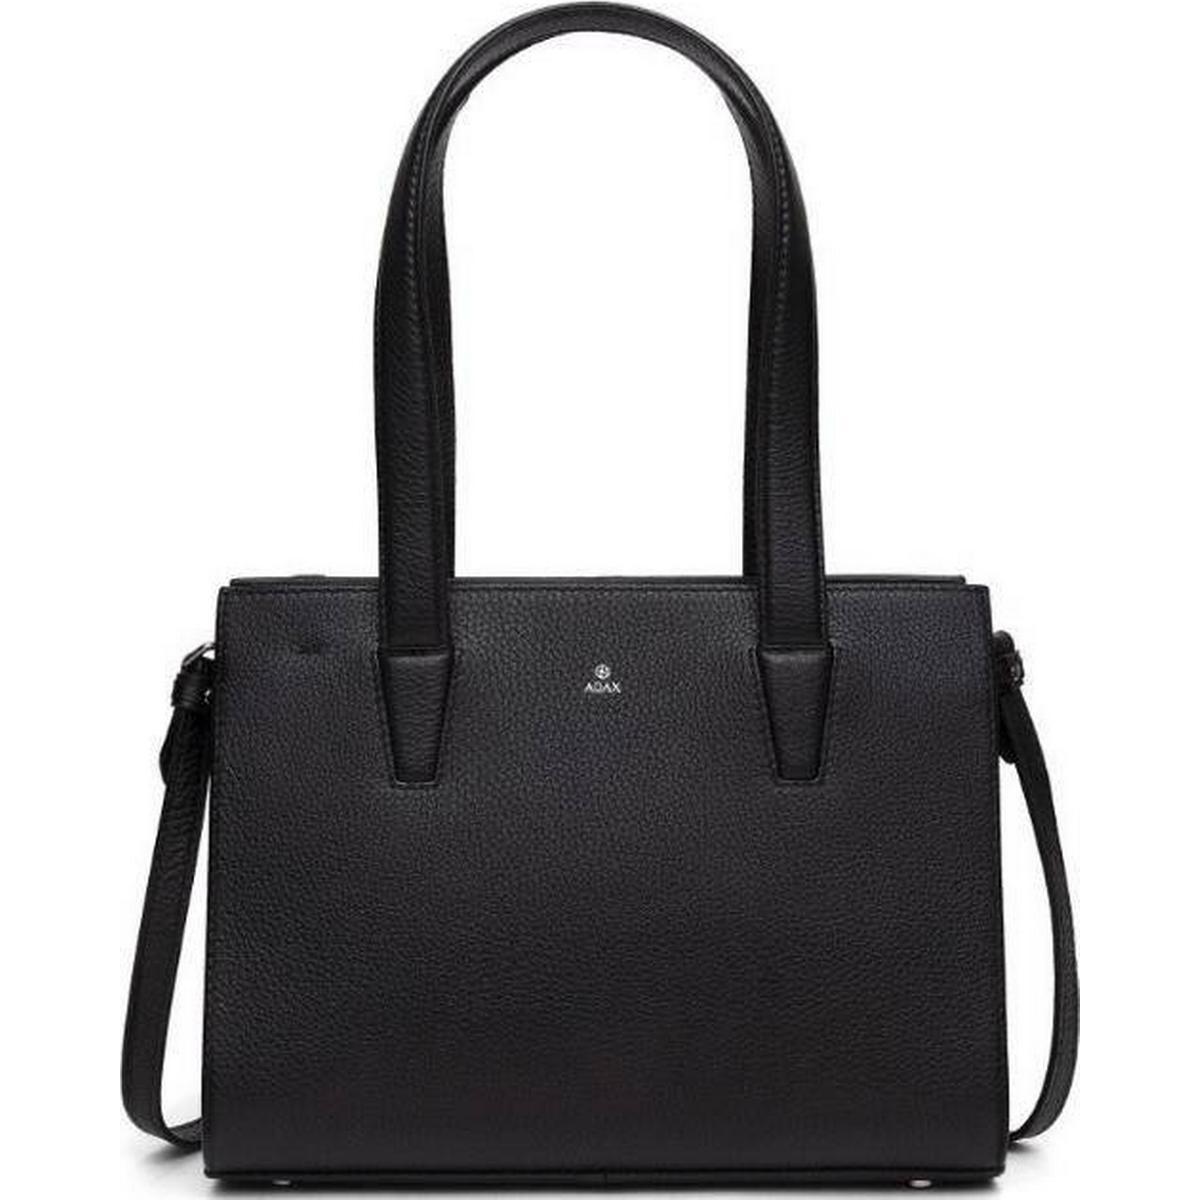 Adax Väskor (700+ produkter) hos PriceRunner • Se billigste